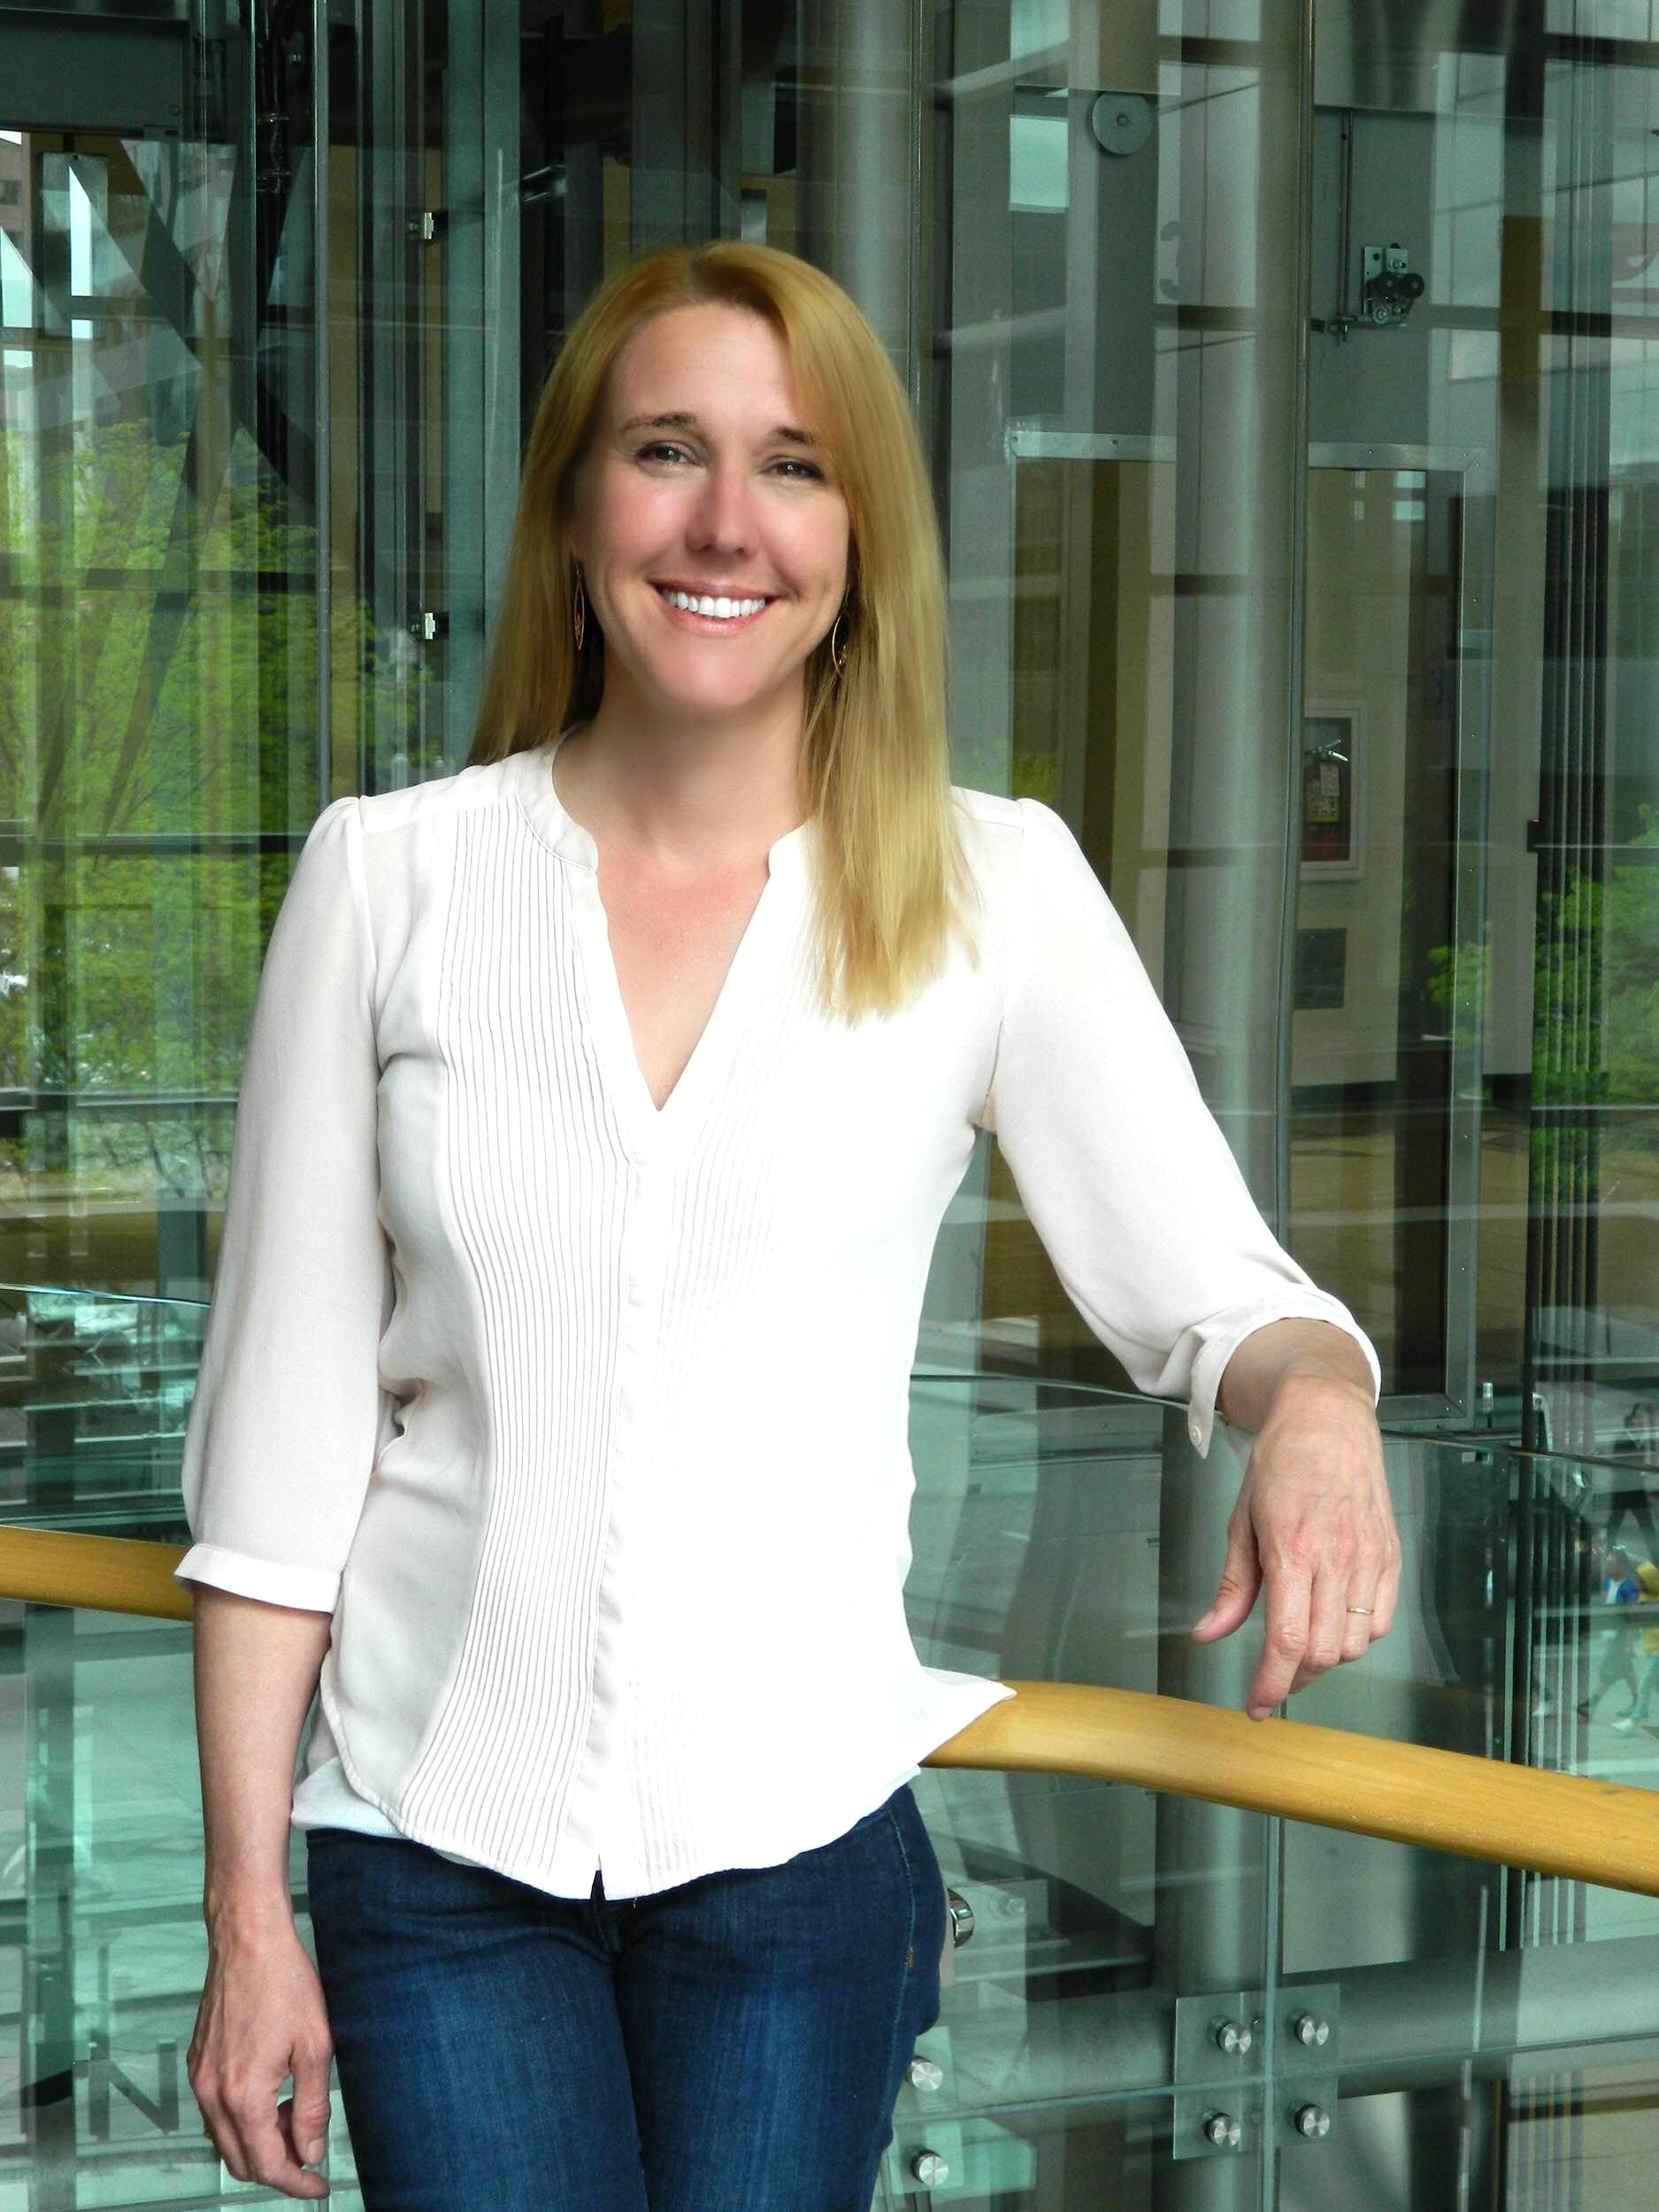 JOANNE LOUISE WEBB - LEGAL SECRETARY